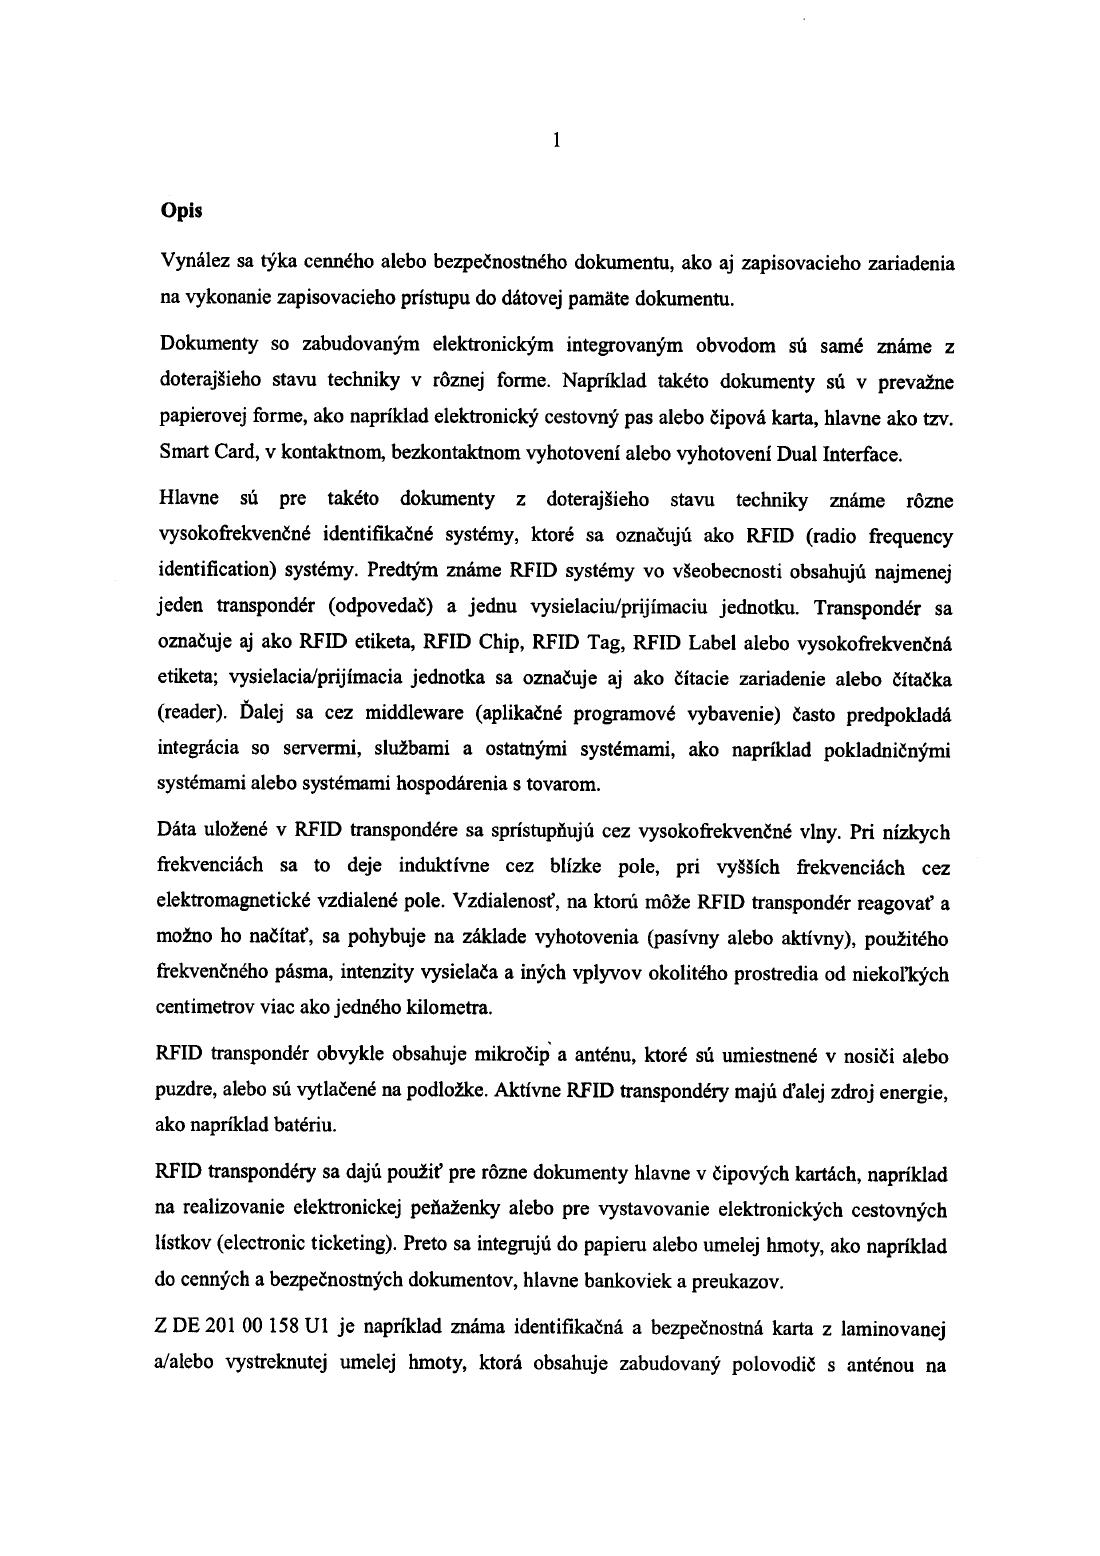 e98565f2d Cenný alebo bezpečnostný dokument s najmenej dvomi zobrazovacími  zariadeniami — 27.06.2007 — E 13681 — Databáza patentov Slovenska